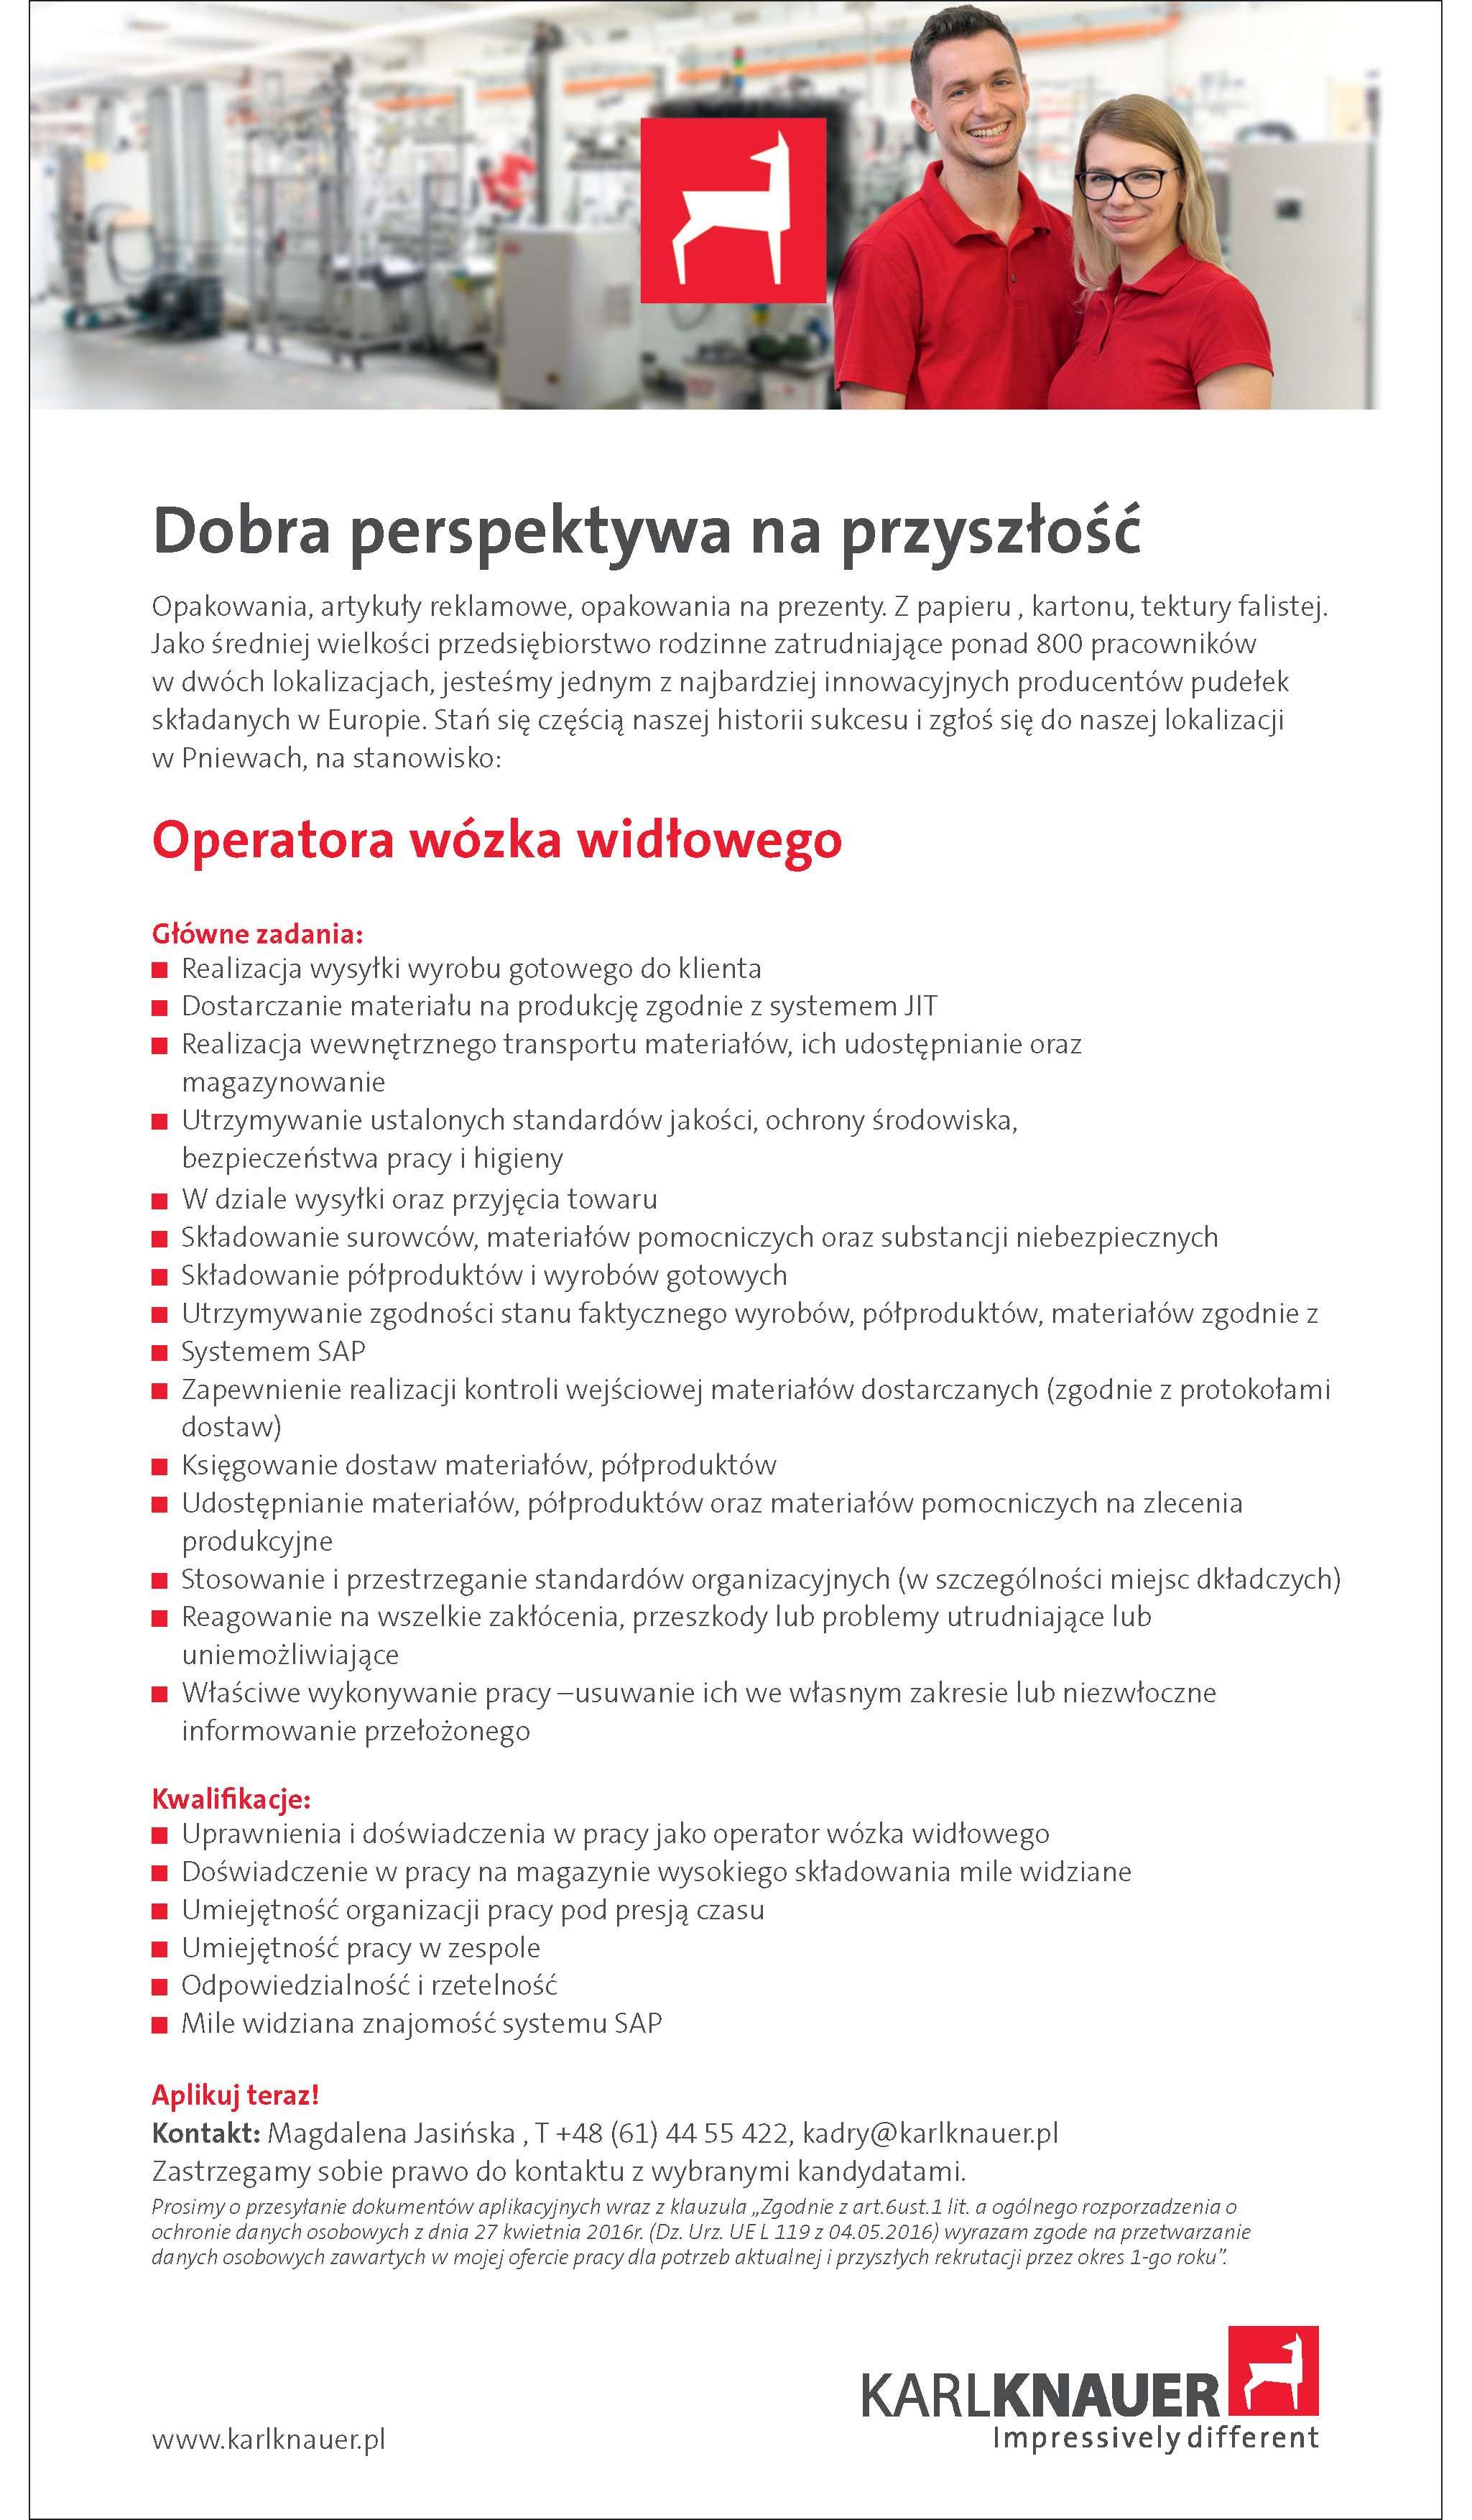 Praca dla operatora wózka widłowego